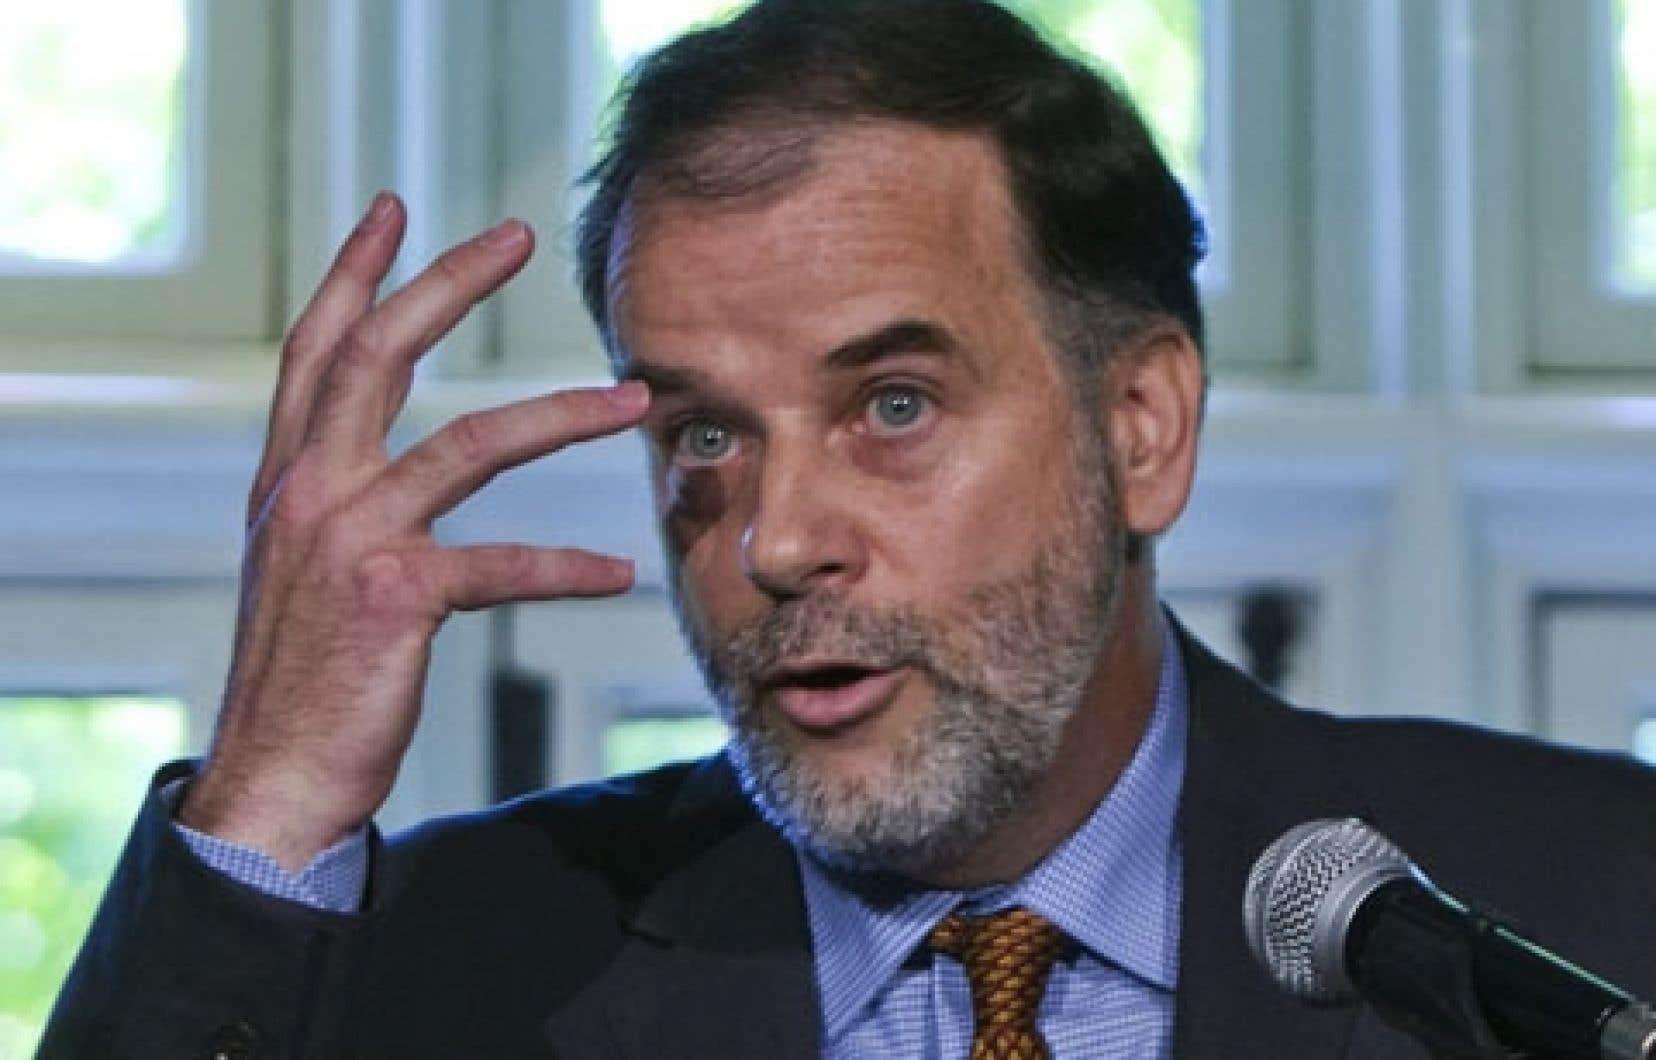 Le ministre Pierre Duchesne a évoqué à plusieurs reprises cette semaine qu'il avait une «réserve» d'environ 600 millions, soit une provision qui découle de l'annulation de la hausse prévue par les libéraux.